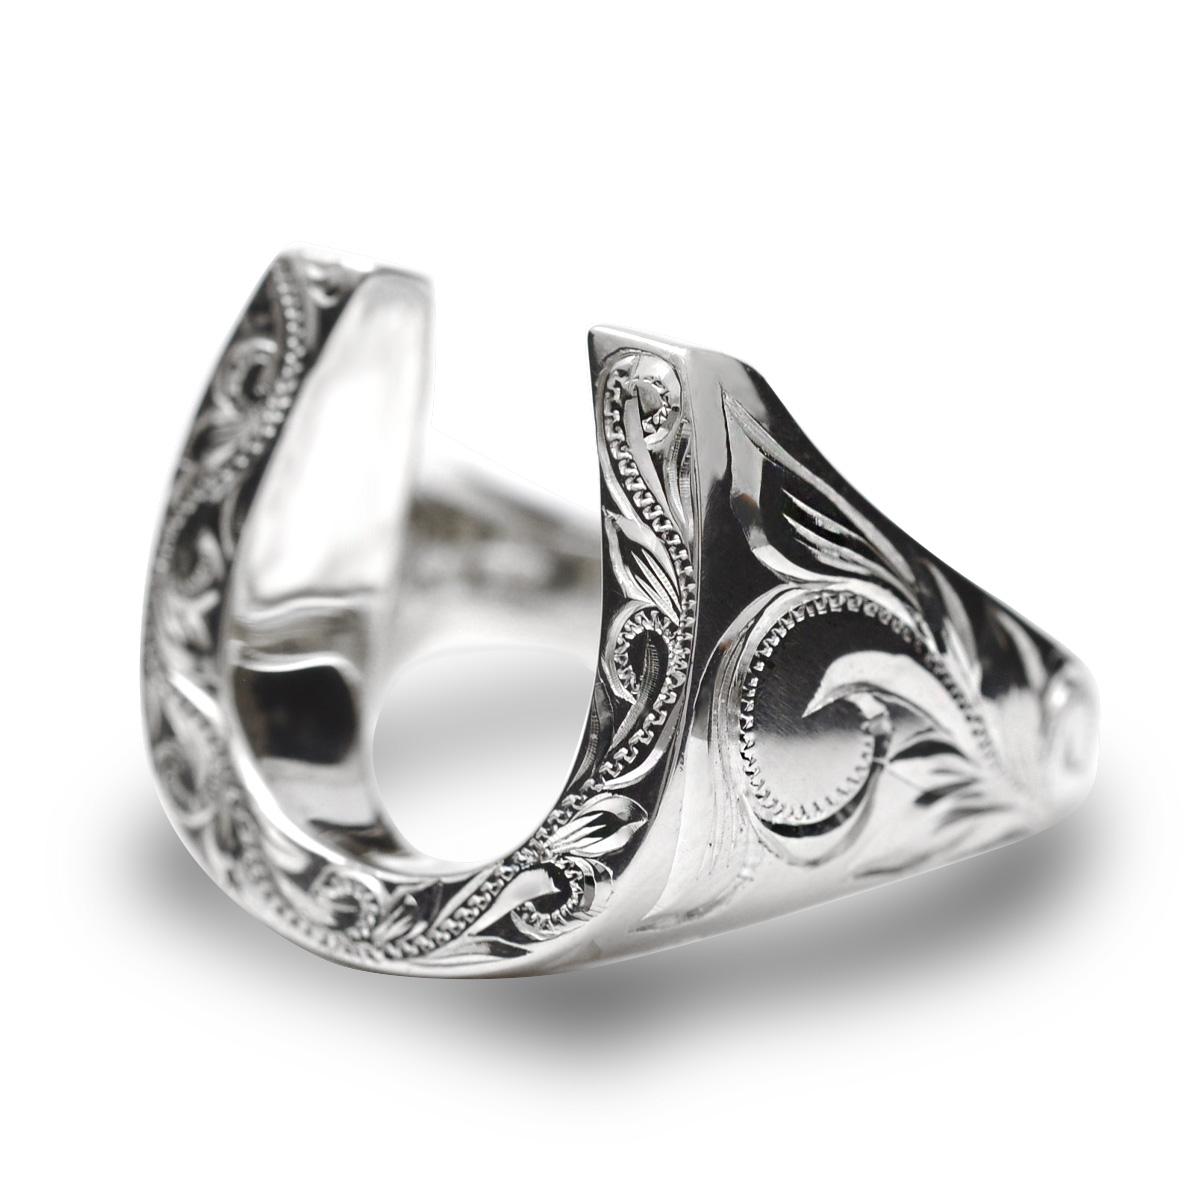 リング 指輪 ハワイアンジュエリー レディース 女性 メンズ 男性(Weliana) グラマラス ホースシュー 馬蹄 シルバーリング SILVER925 wri1372/新作